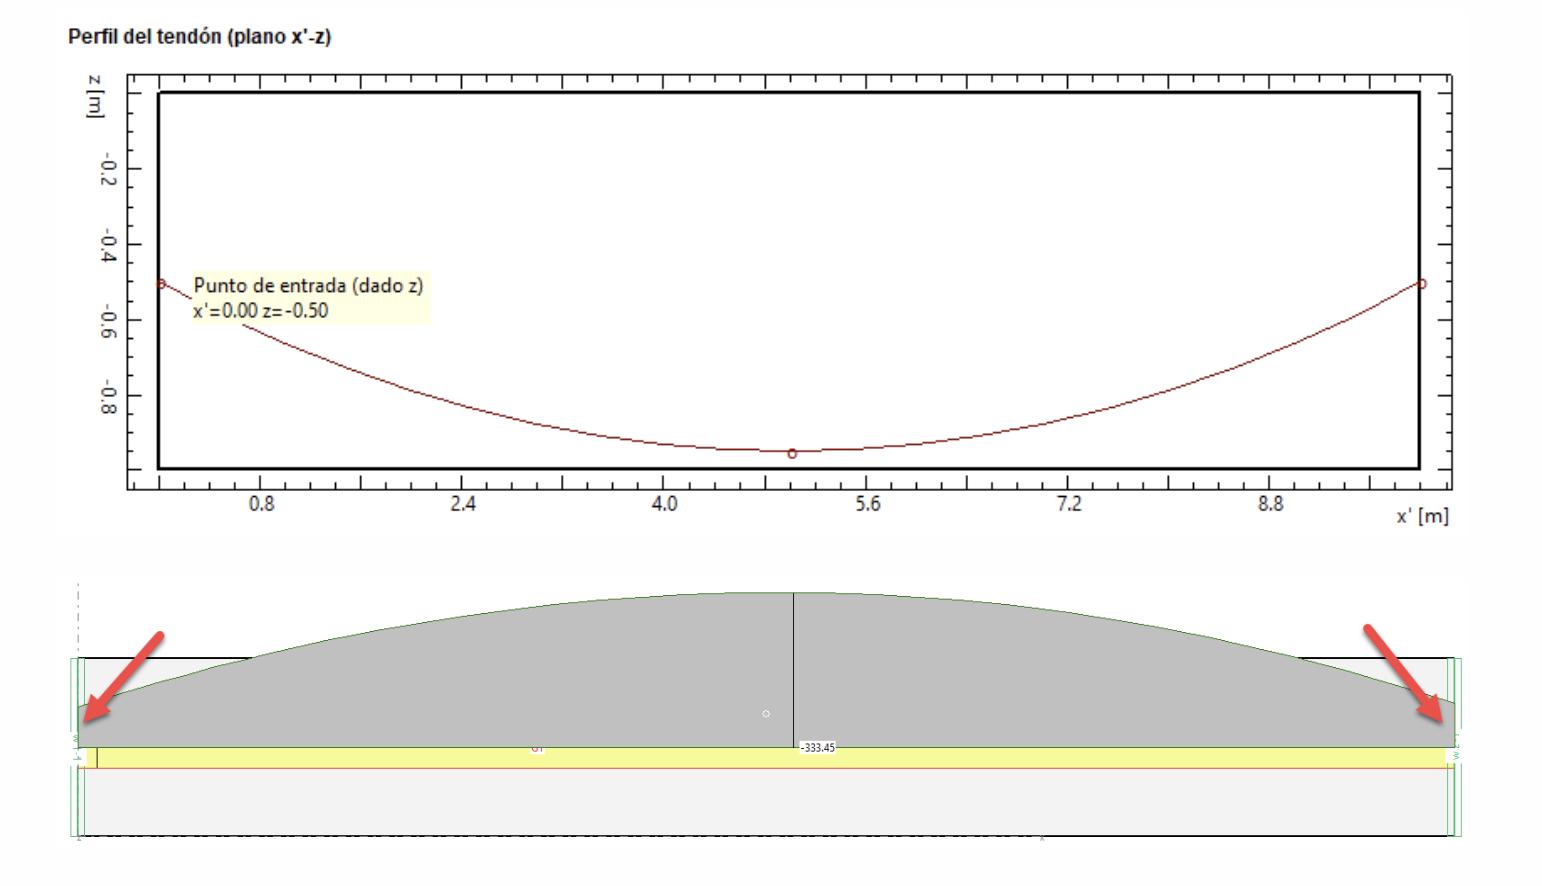 Imagen Si tenemos una viga pretensada en CEDRUS que empieza o termina en el borde de la losa, ¿en qué punto de la sección extrema sitúa el programa el tendón?